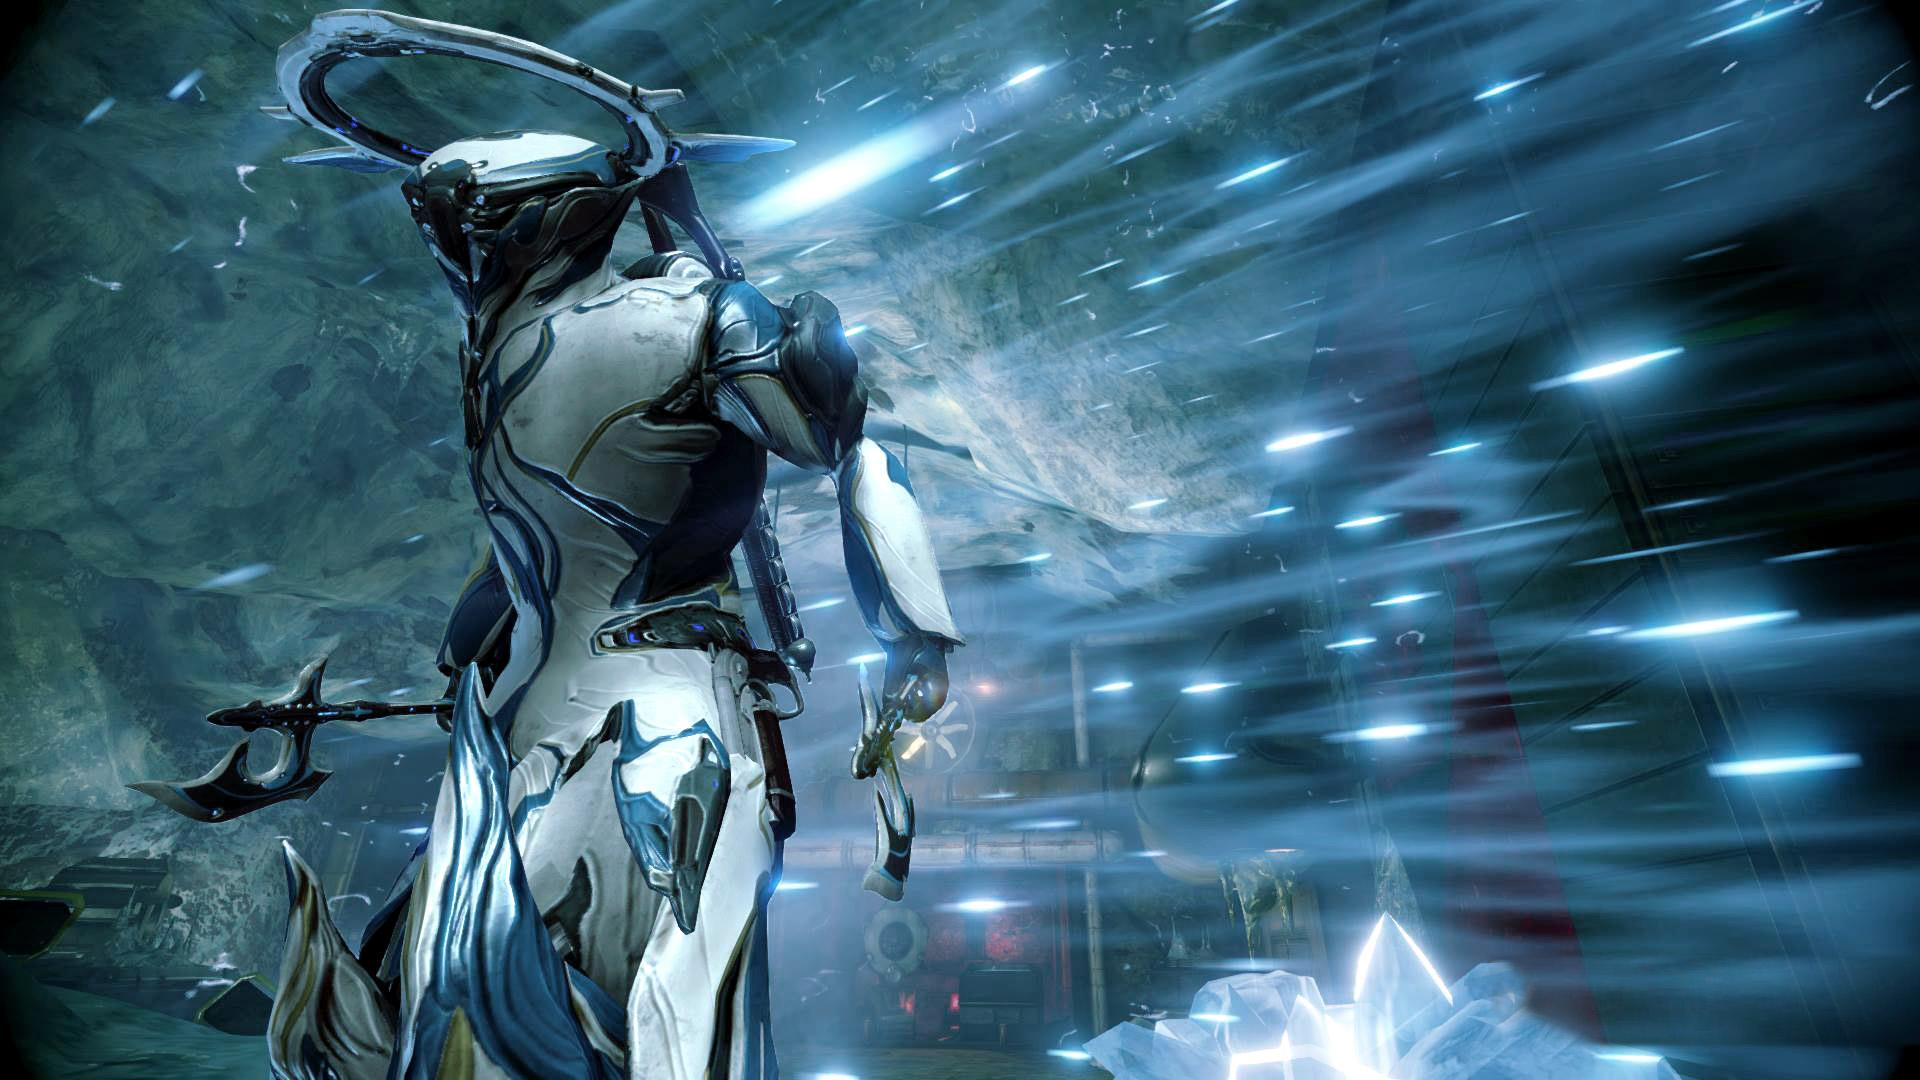 游戏资讯_完美空间游戏资讯:《星际战甲》大陆地区主机版将于7月24日停运